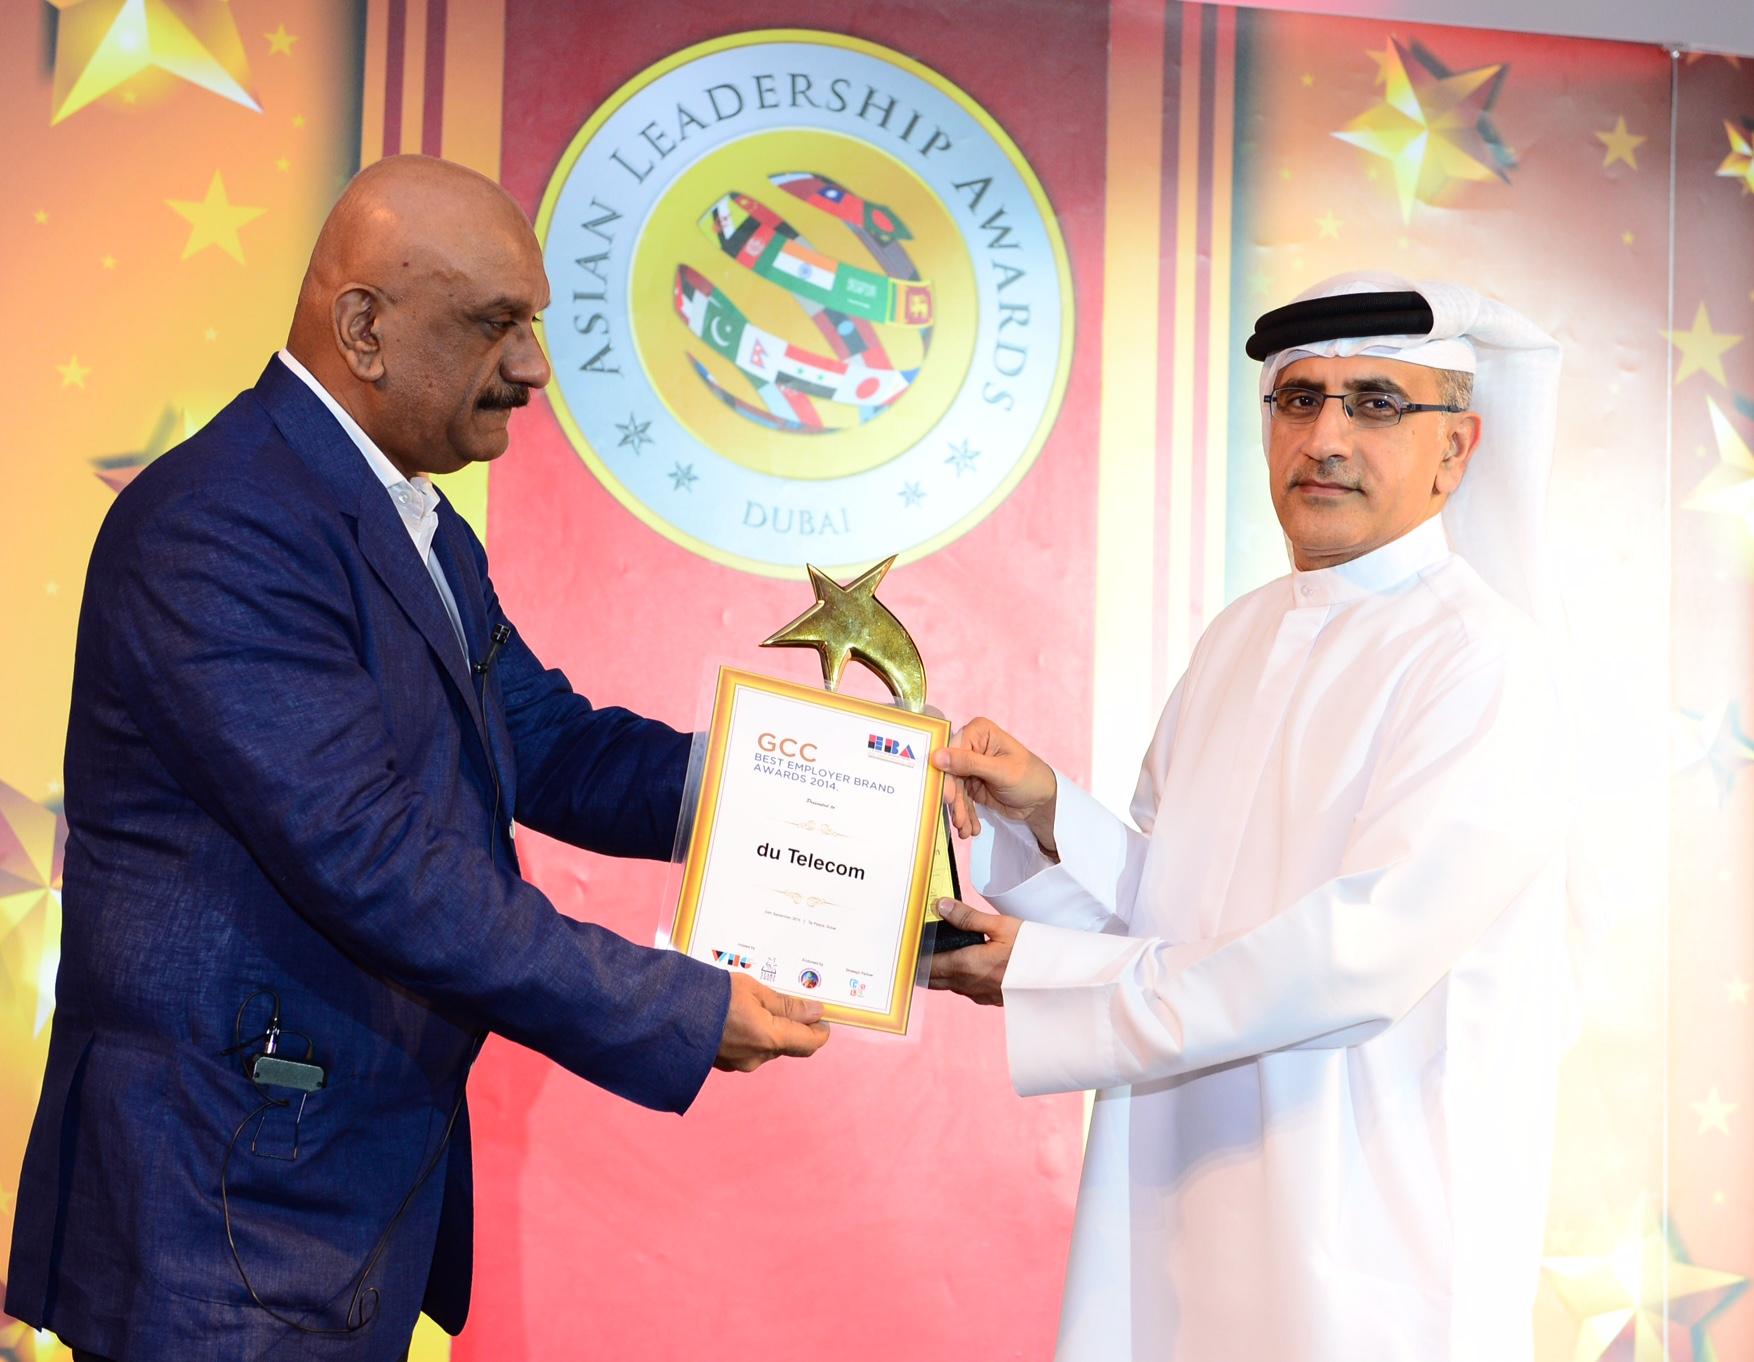 دو تحصل على جائزة أفضل علامة تجارية في مجلس التعاون الخليجي للعام 2014